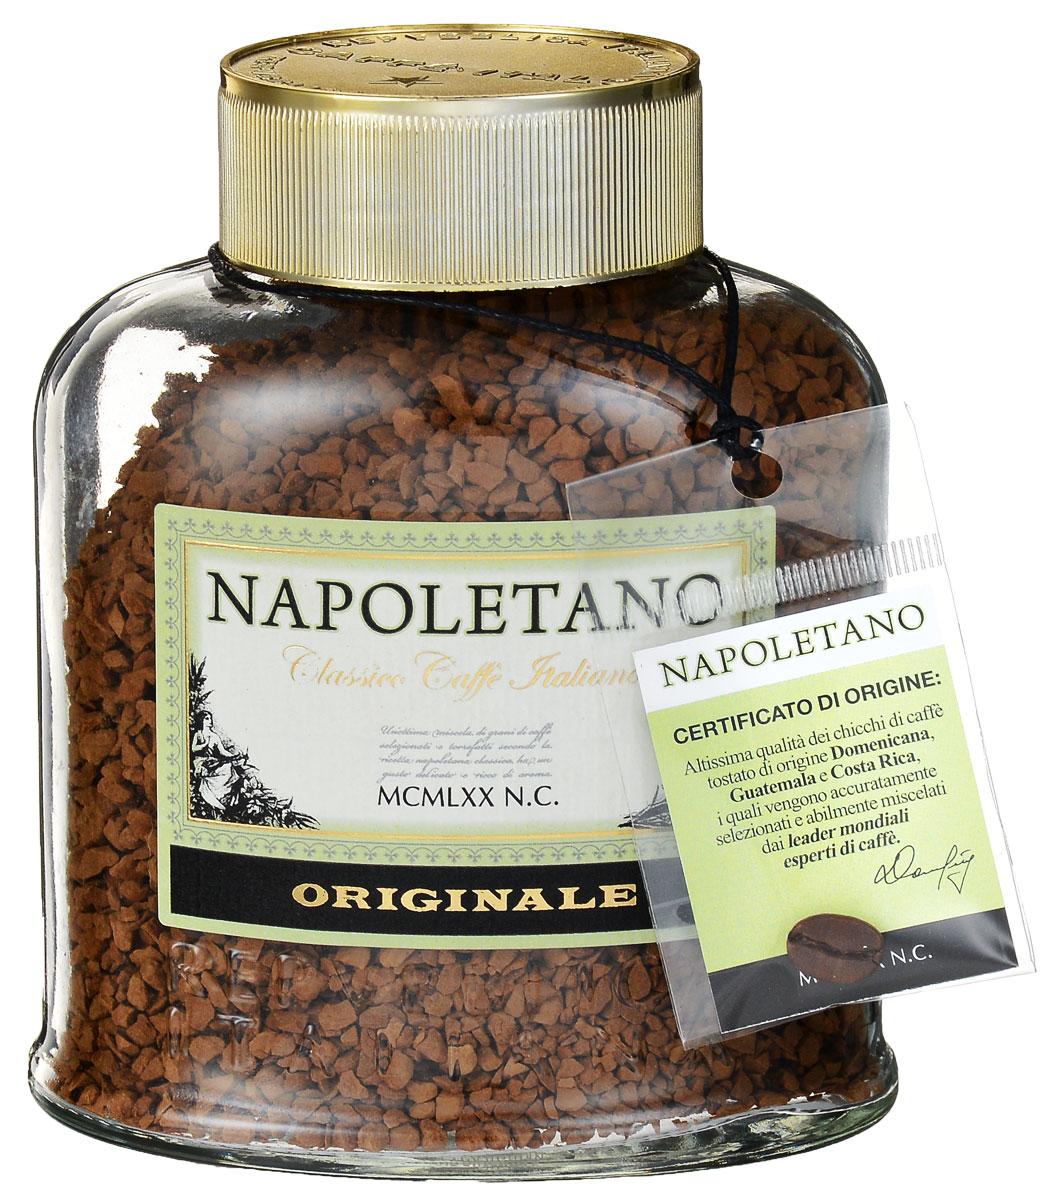 Napoletano Originale кофе растворимый, 100 г101246Napoletano Originale - натуральный растворимый кофе, который передает все оттенки вкуса знаменитого неаполитанского эспрессо. Итальянский кофе премиум-класса Napoletano с удивительным, насыщенным вкусом и ароматом отборной арабики, традиционной обжарки. Приготовлен по классическому рецепту южноитальянской провинции Кампанья из отборных кофейных зерен арабики сортов из Доминиканской республики, Гватемалы и Коста-Рики.